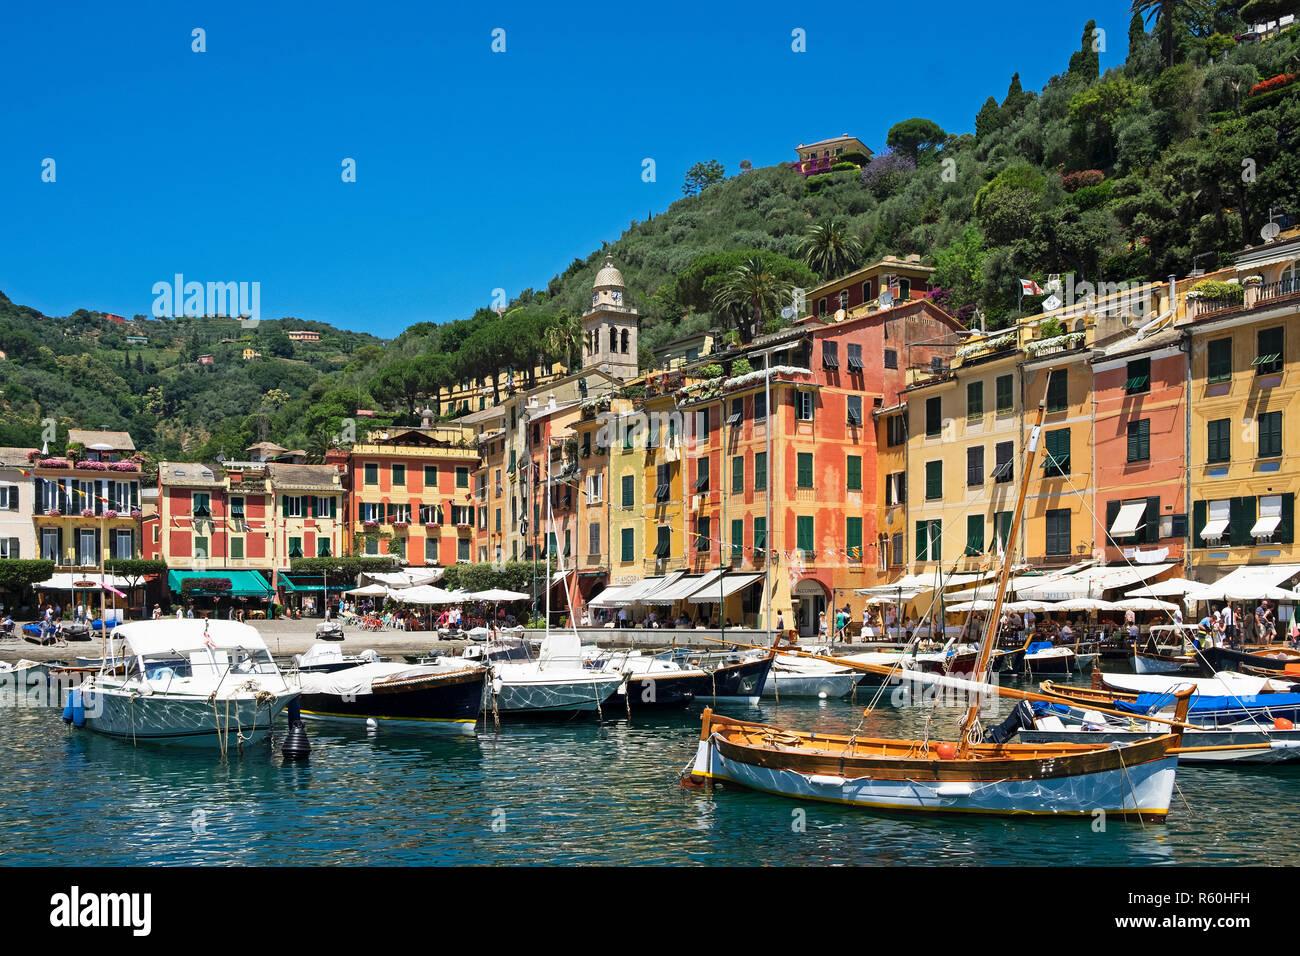 boats colorful harbor, portofino, italian riviera, genoa province, liguri, italy. - Stock Image